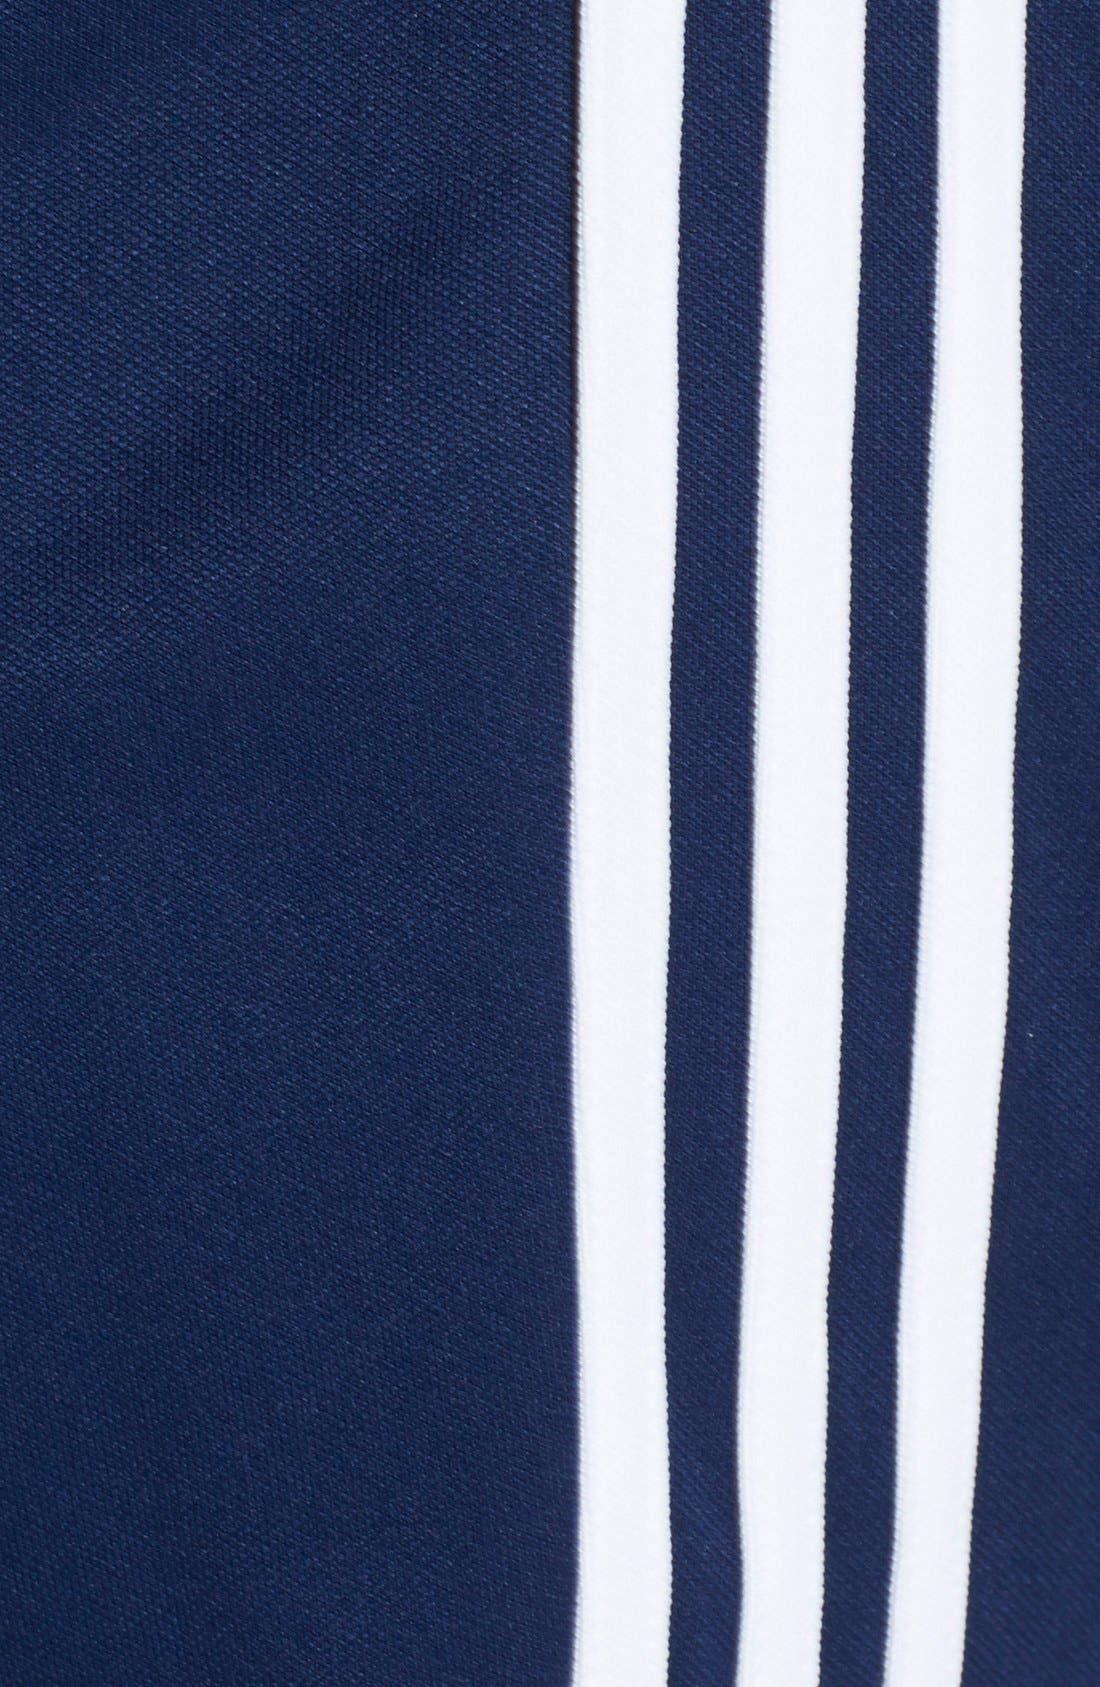 Alternate Image 3  - adidas 'Tiro 13' Training Pants